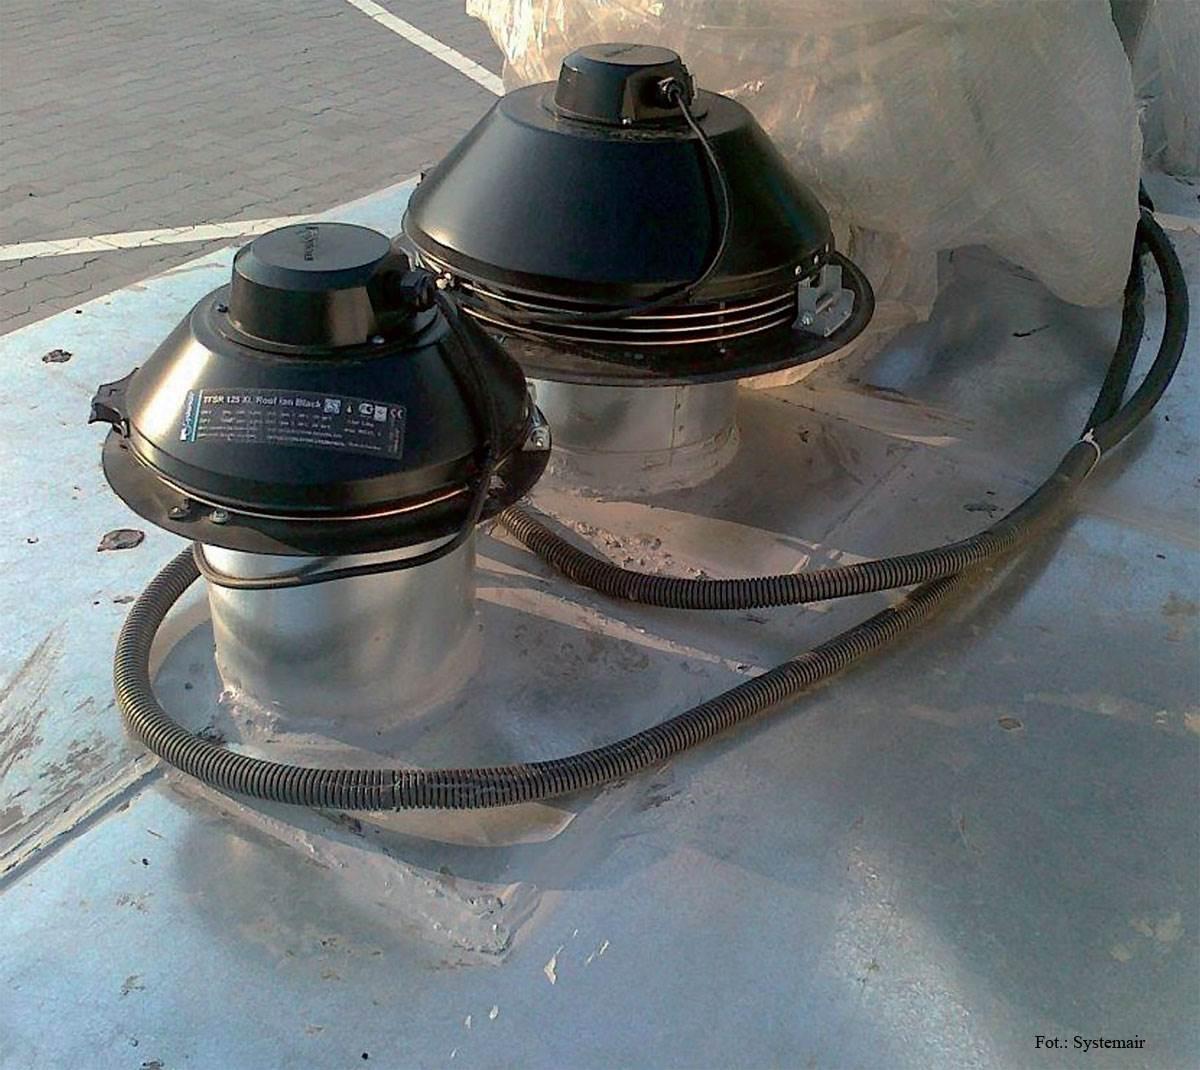 FOT. 3. Zastosowanie wentylatorów dachowych pozwala na zrezygnowanie z urządzeń kanałowych. Dzięki temu praca systemu jest cichsza.